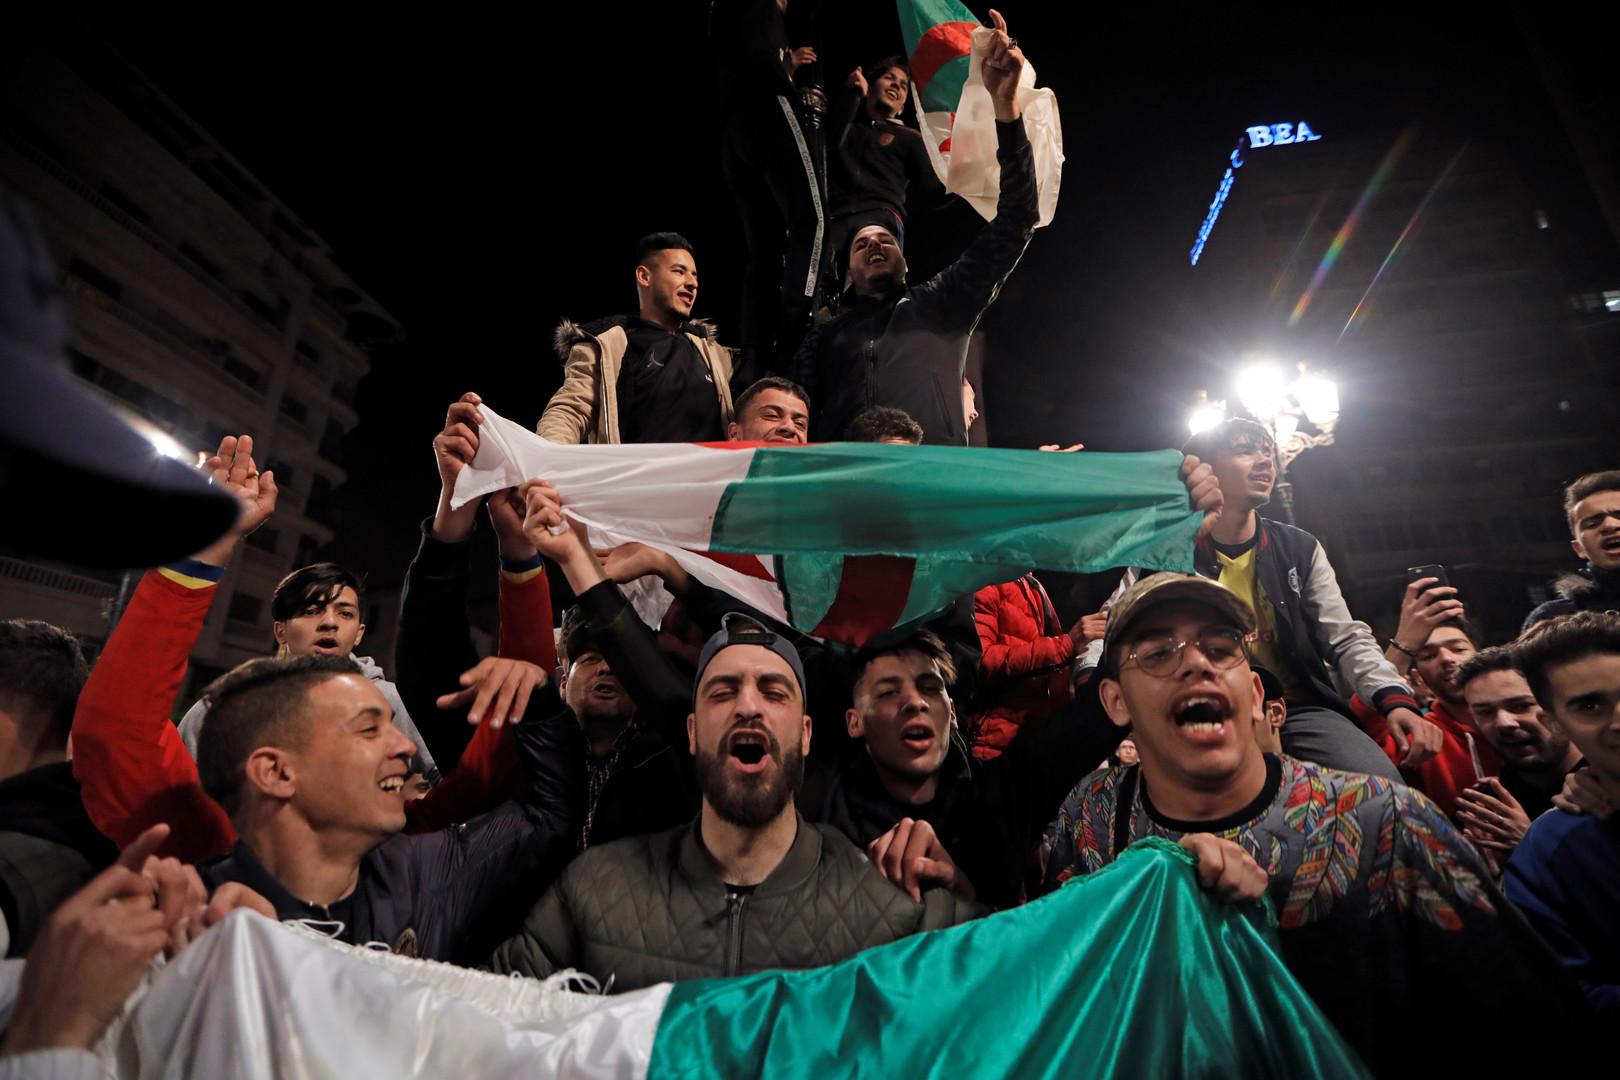 Algeriens Präsident Bouteflika tritt nach wochenlangen Protesten zurück